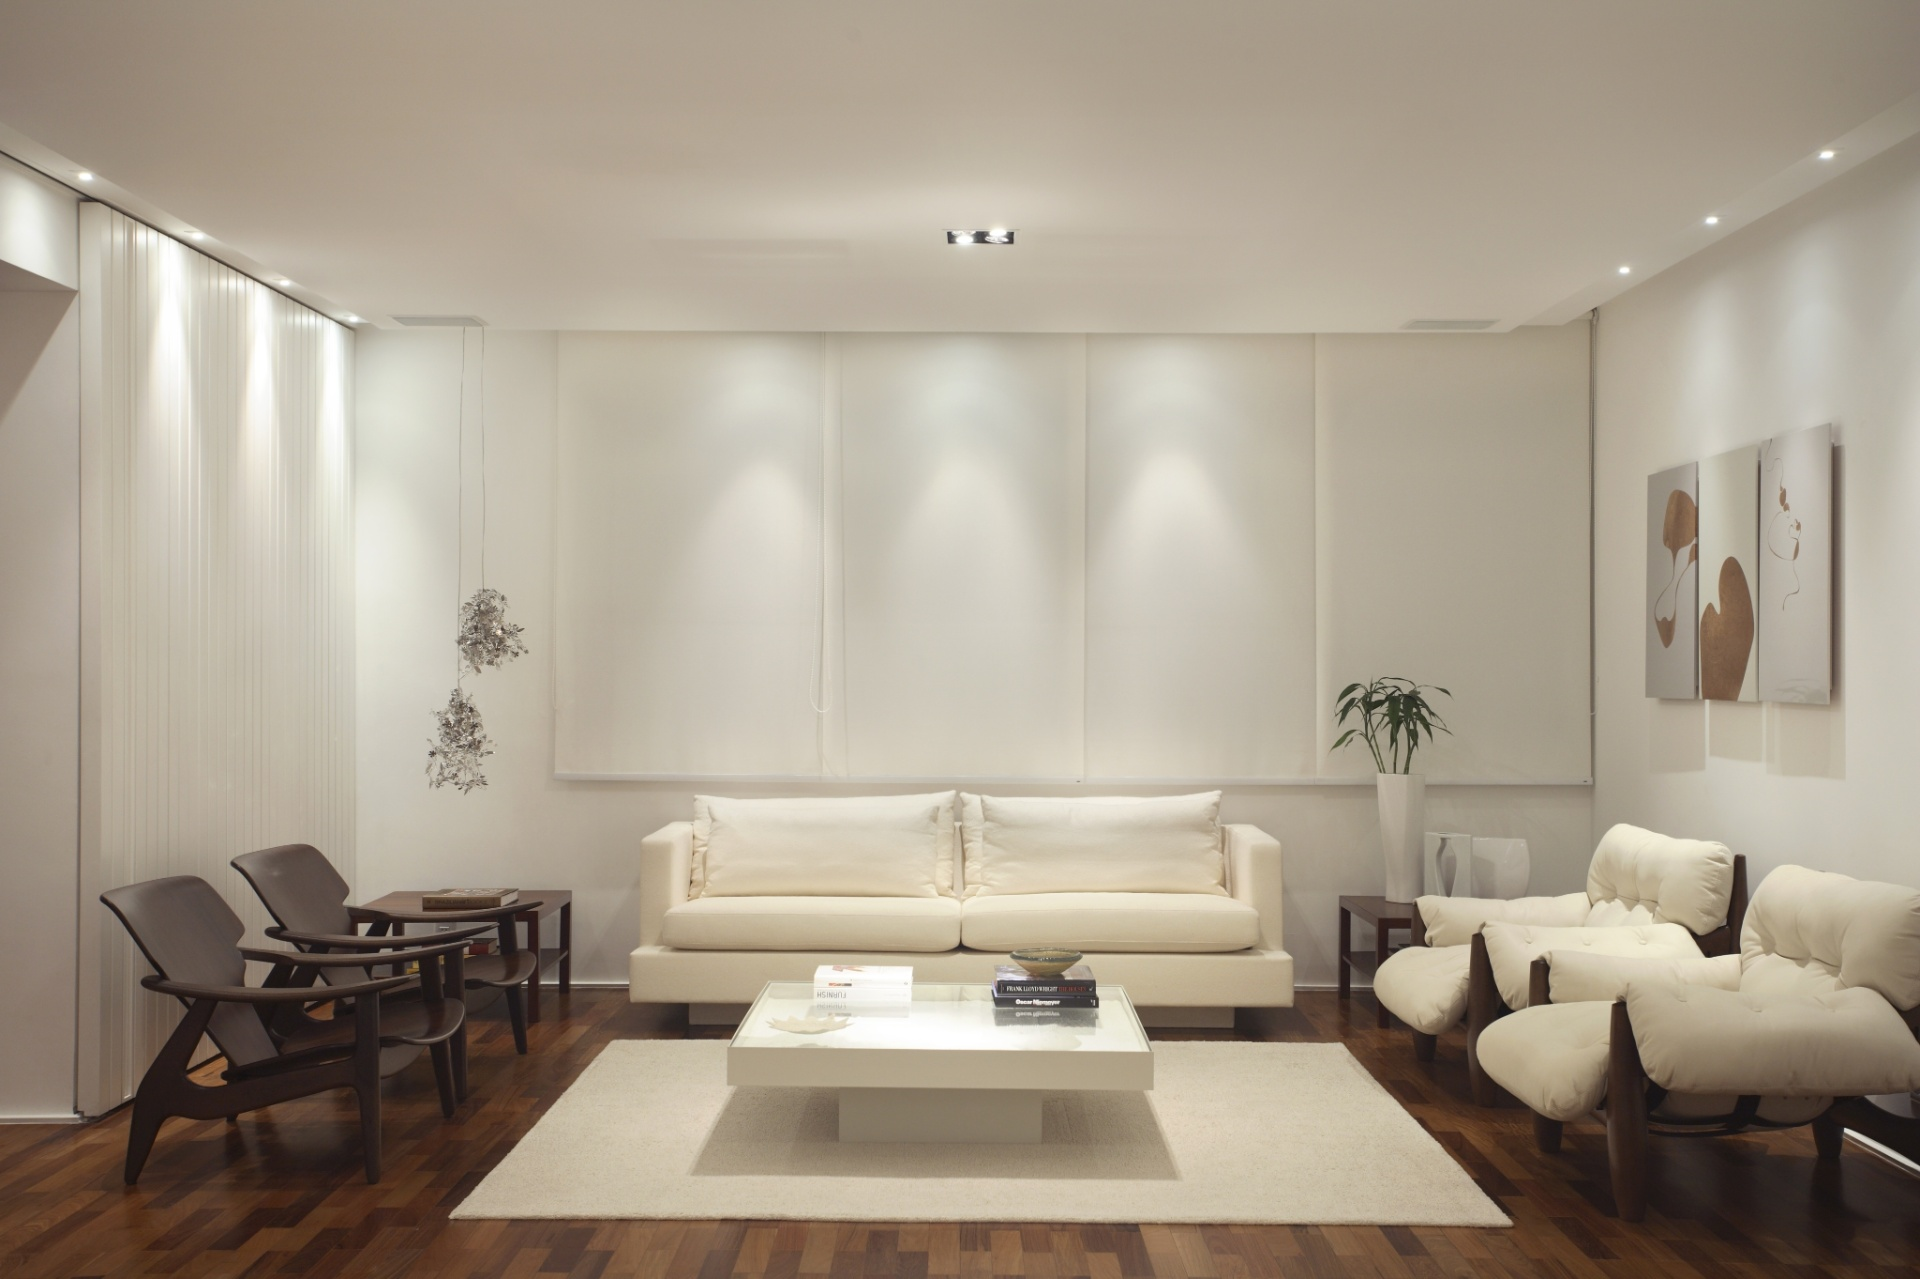 Na proposta da arquiteta Carla Dichy para a sala de 30 m², o branco não só ampliou o ambiente assim como possibilitou o jogo de contrastes com a madeira e os tons neutros. A arquiteta compôs com as curvas das poltronas assinadas por Sérgio Rodrigues e as linhas retas dos sofás e mesas